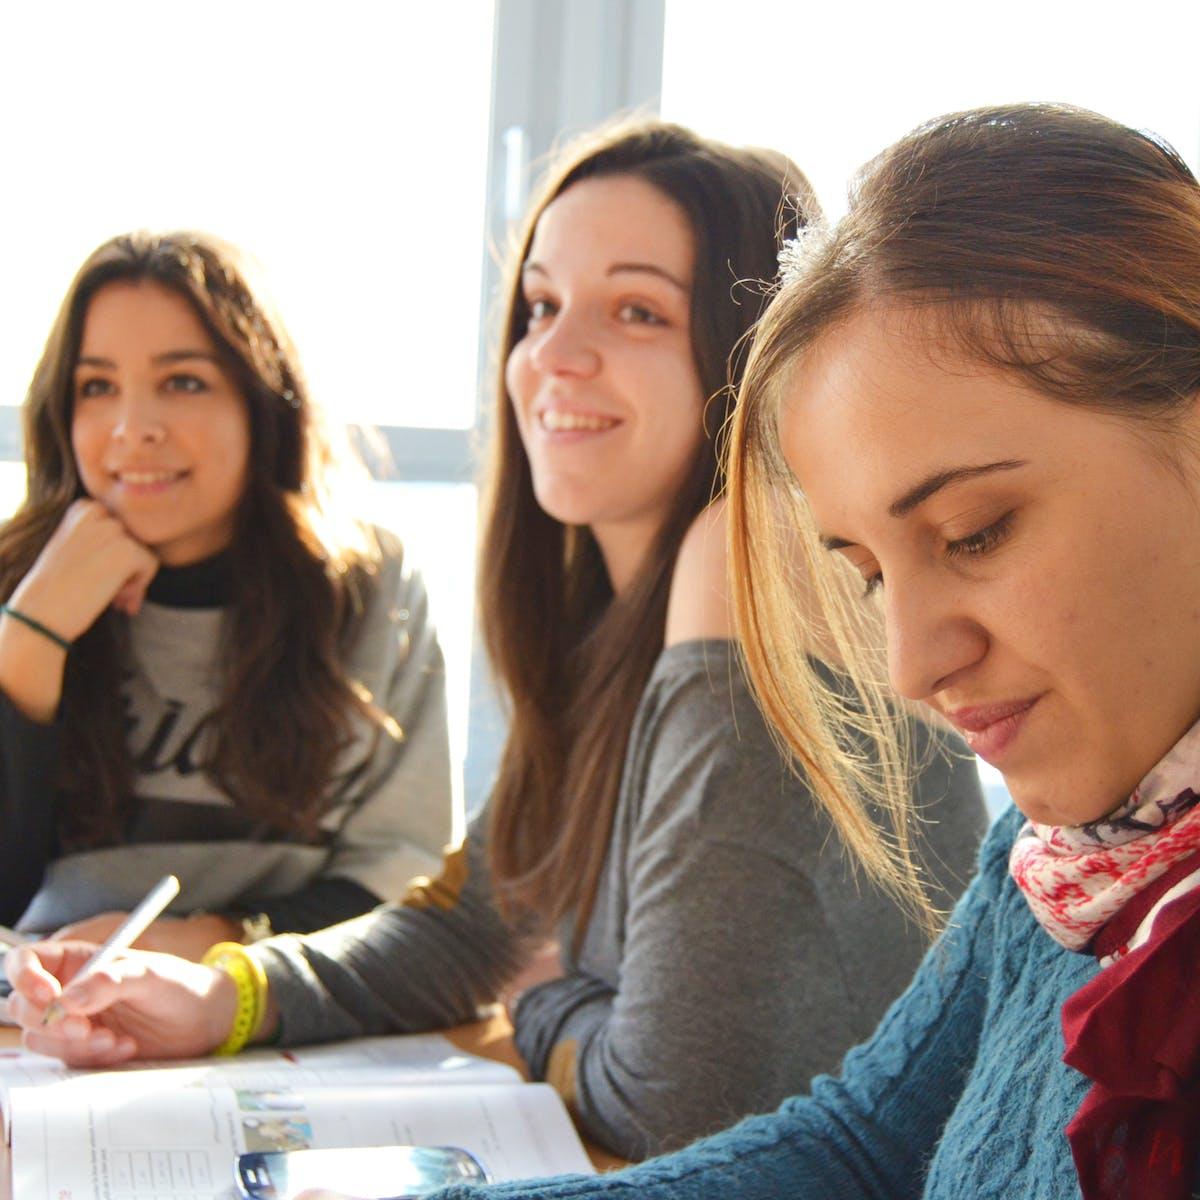 Titelbild-Azubis-digital-schlechte-Ausbildung-Auszubildende-Teenager-Jugendliche-pixabay-834138-Sprachschuleaktiv